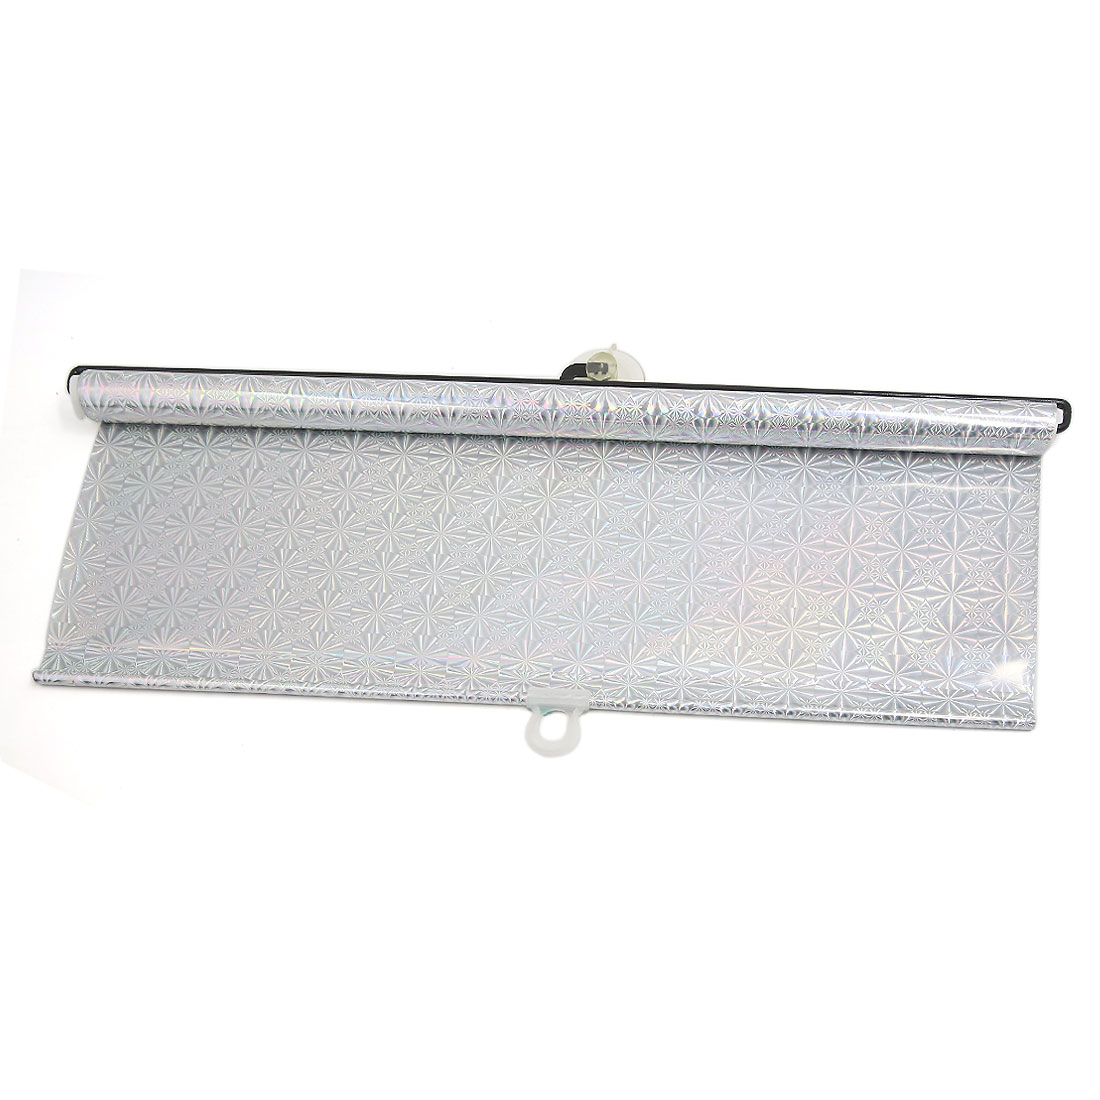 48 x 135cm Silver Tone Vinly Reflective Sunshade Sun Shield for Car